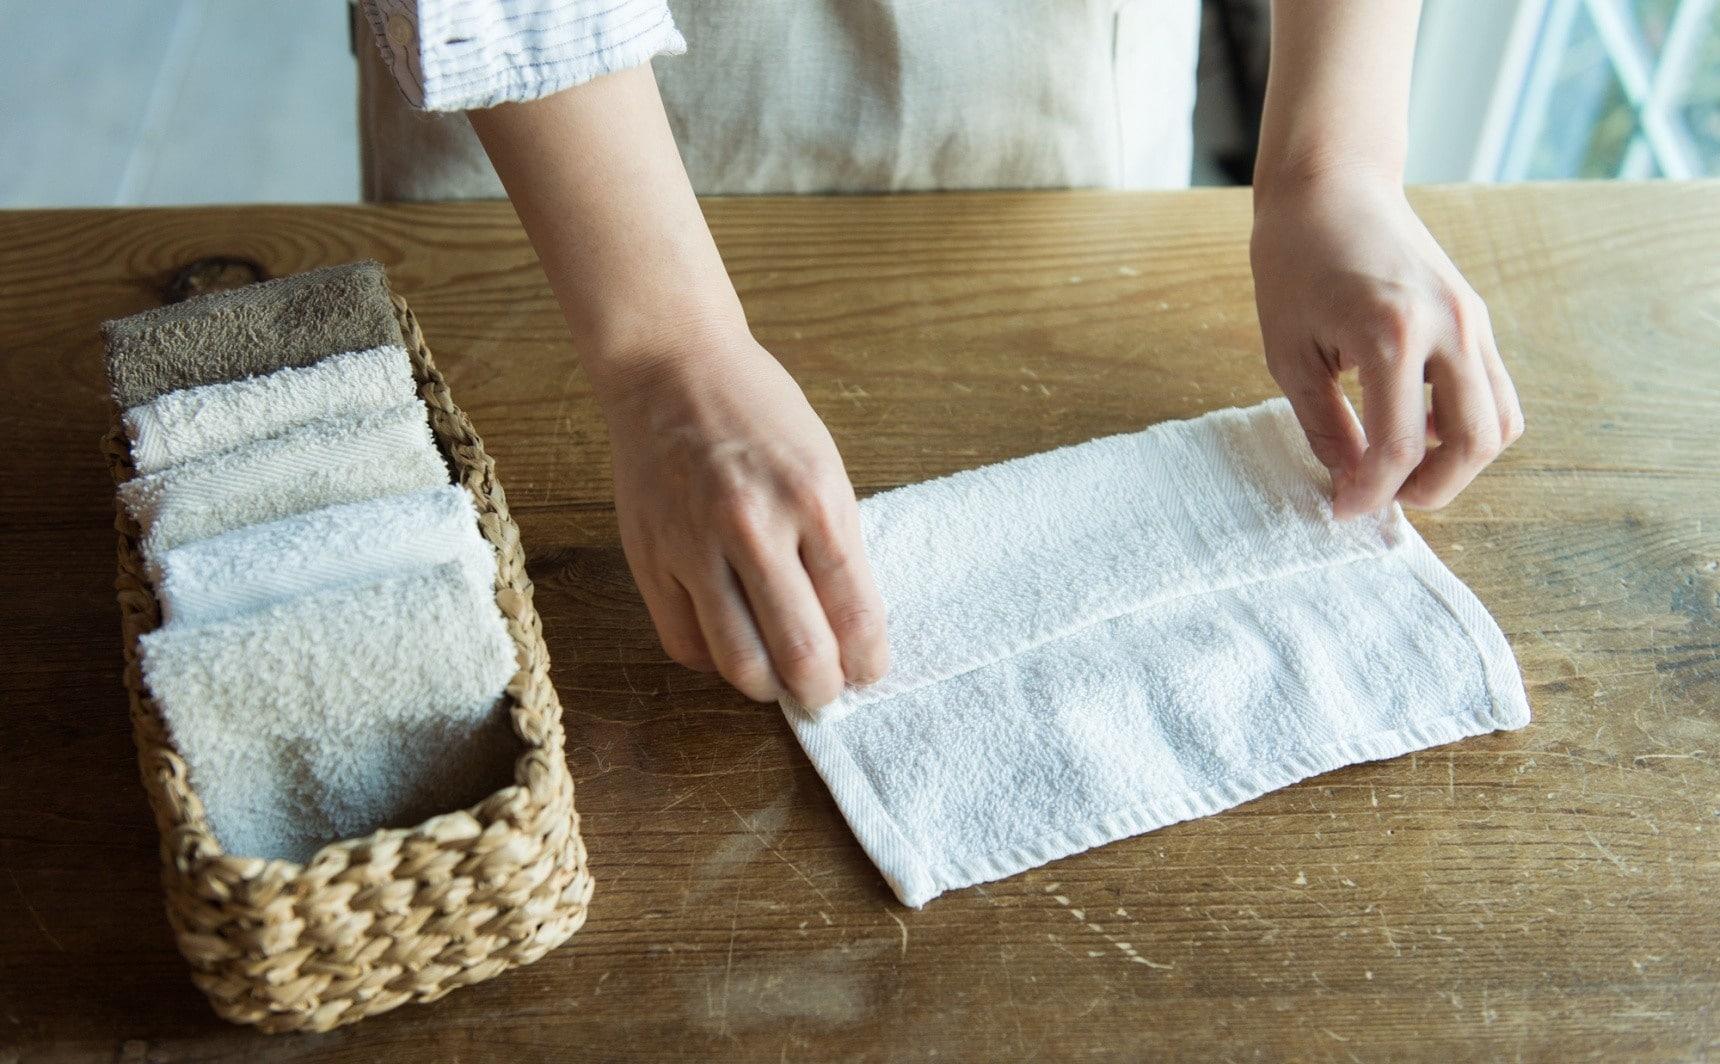 深度日本:时尚且必备!日本人为什么离不开手帕?